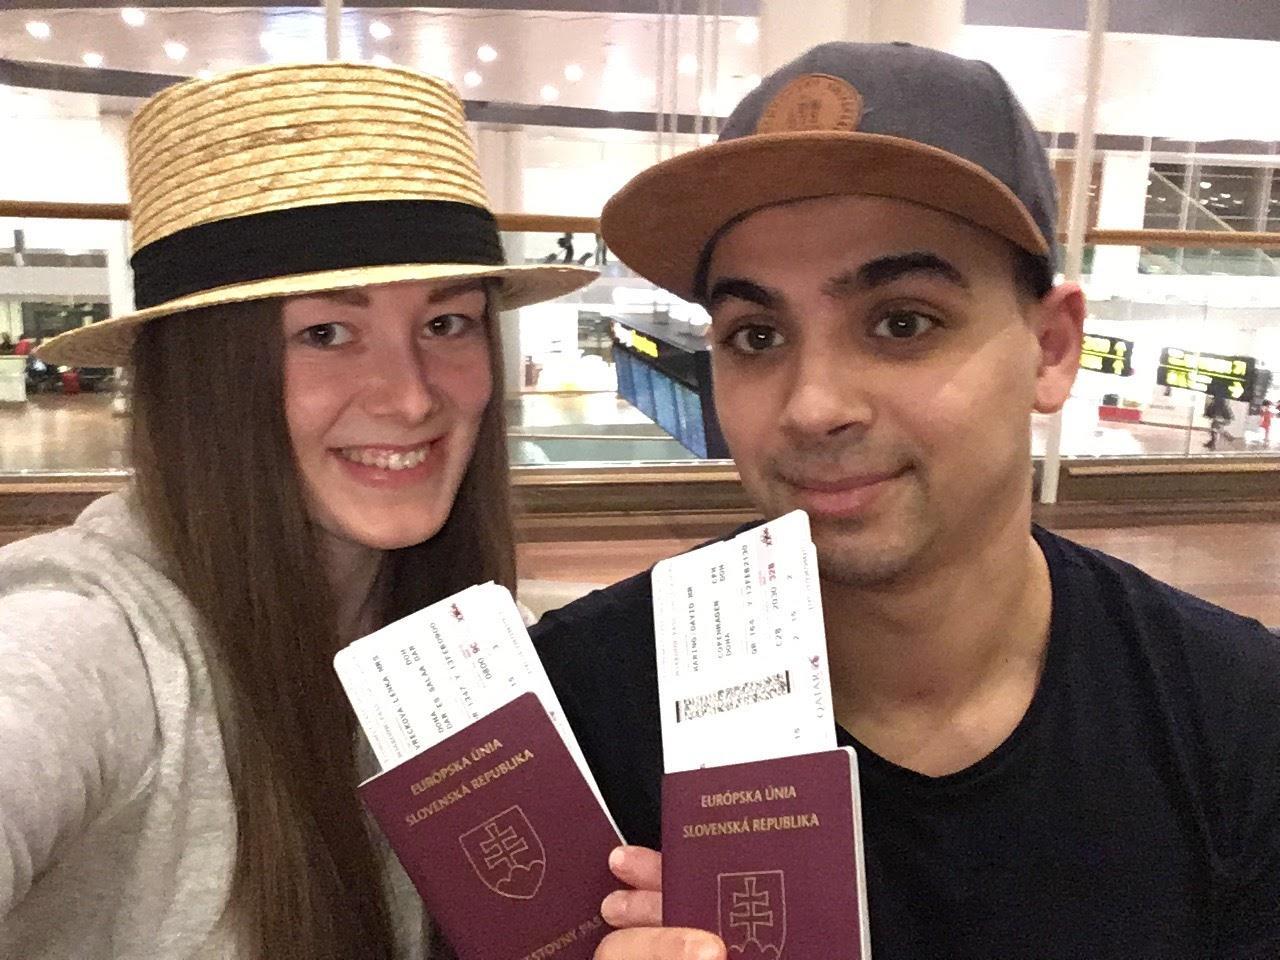 Letisko Kastrup v Kodani, pripravení na odlet do Qataru.